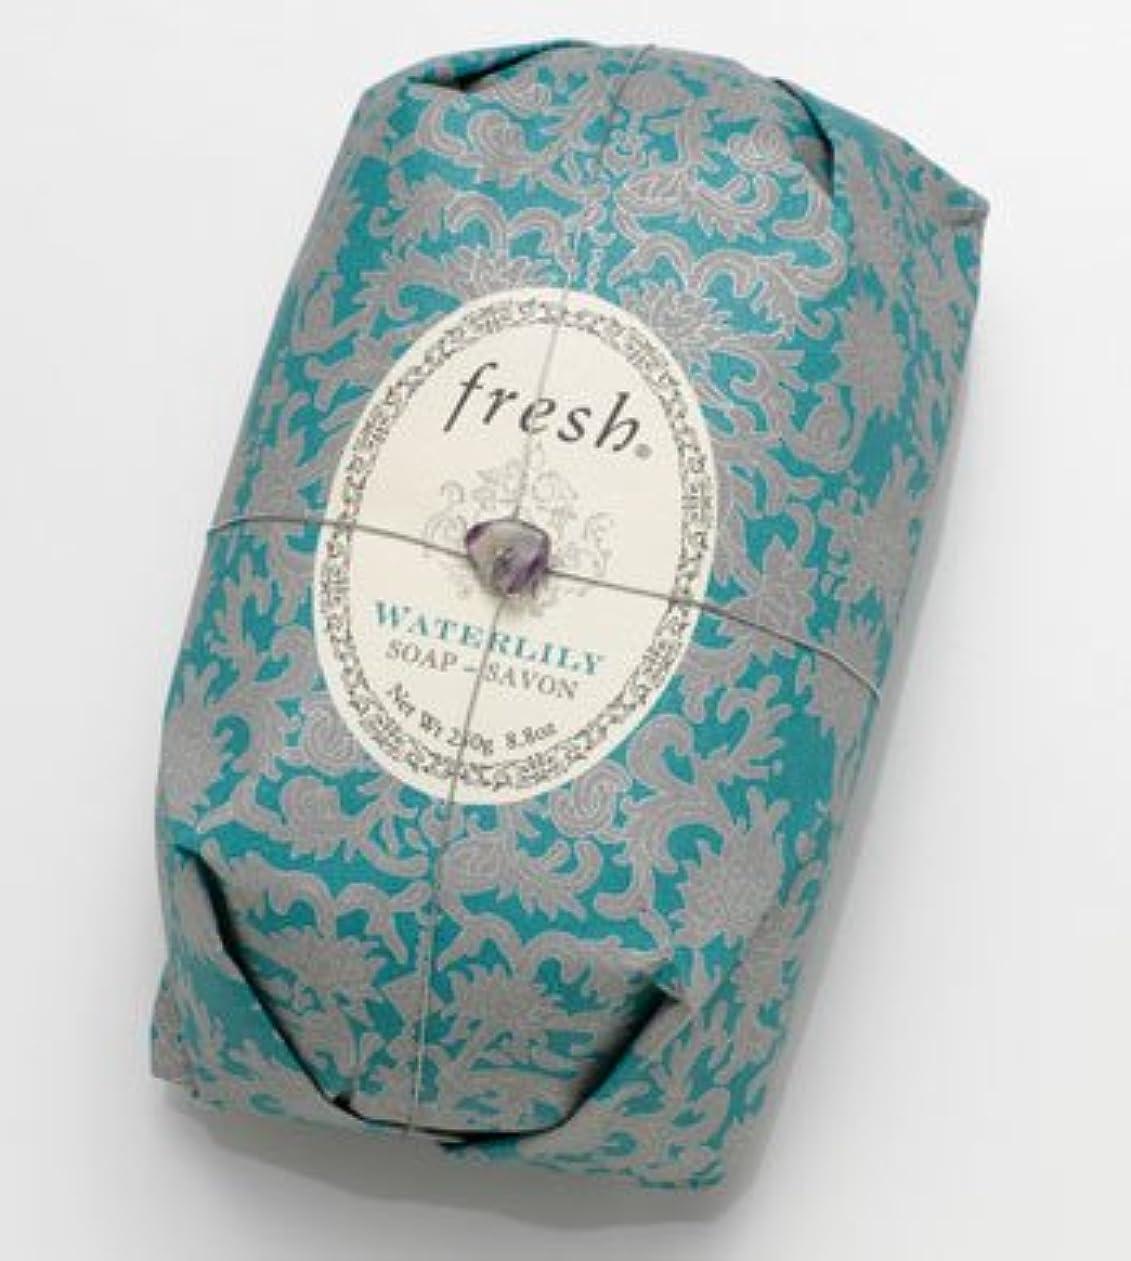 貸し手眠り神聖Fresh WATERLILY SOAP (フレッシュ ウオーターリリー ソープ) 8.8 oz (250g) Soap (石鹸) by Fresh